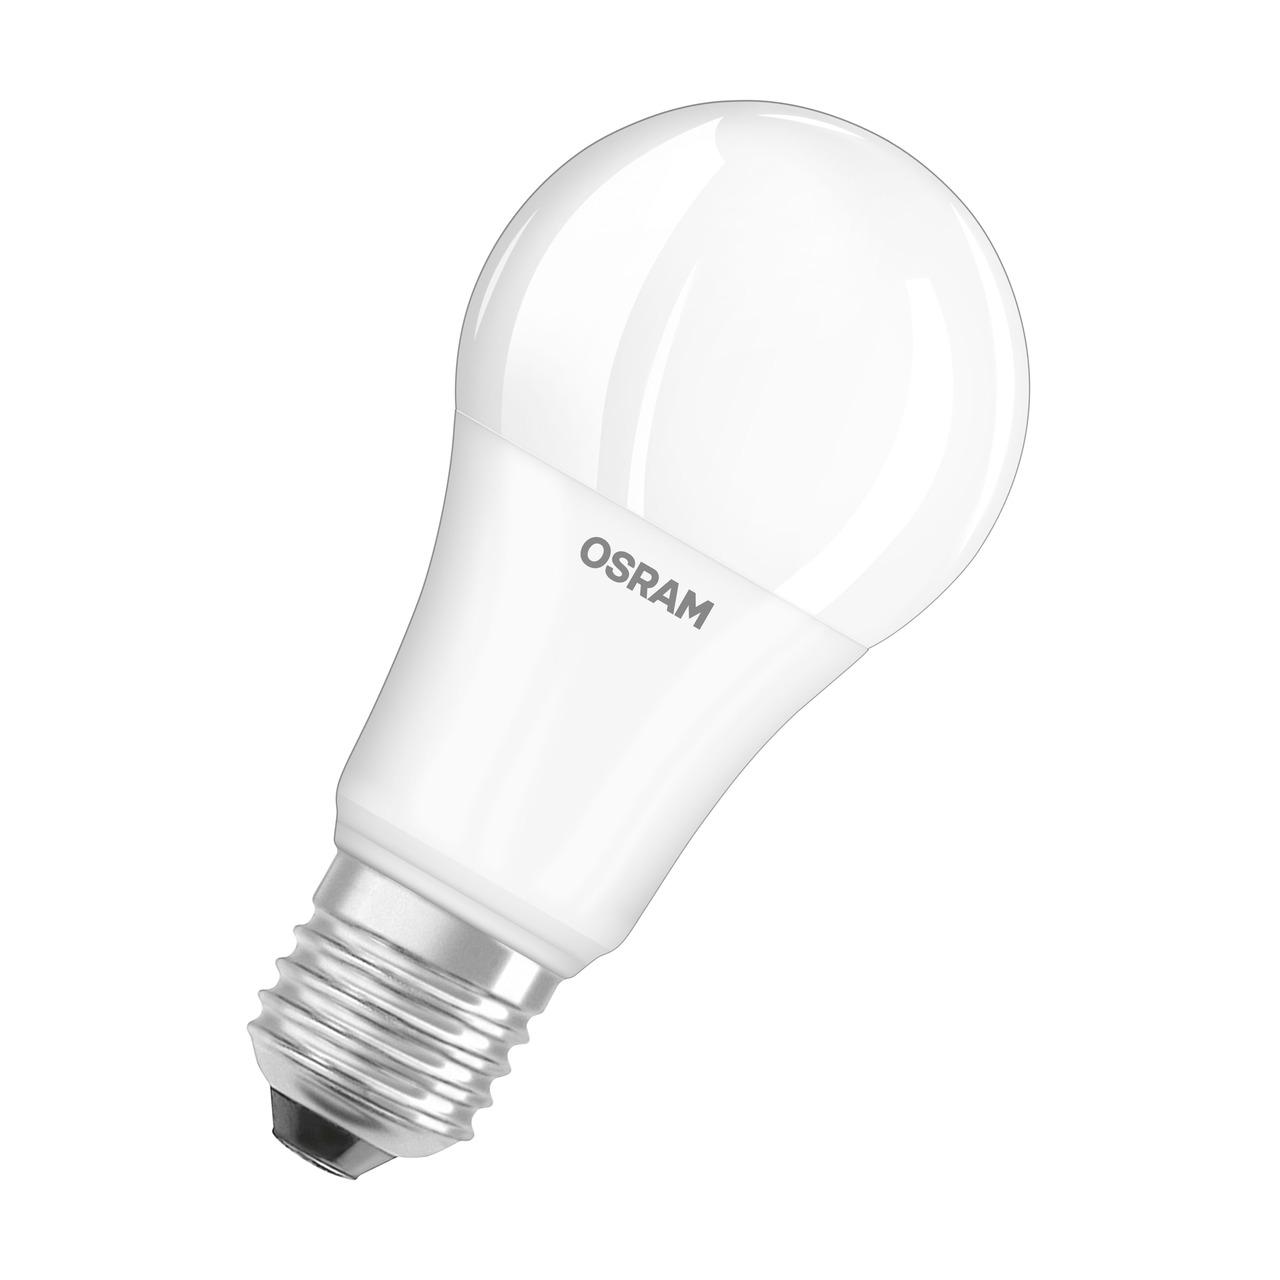 OSRAM 13-W-LED-Lampe E27- warmweiss- matt